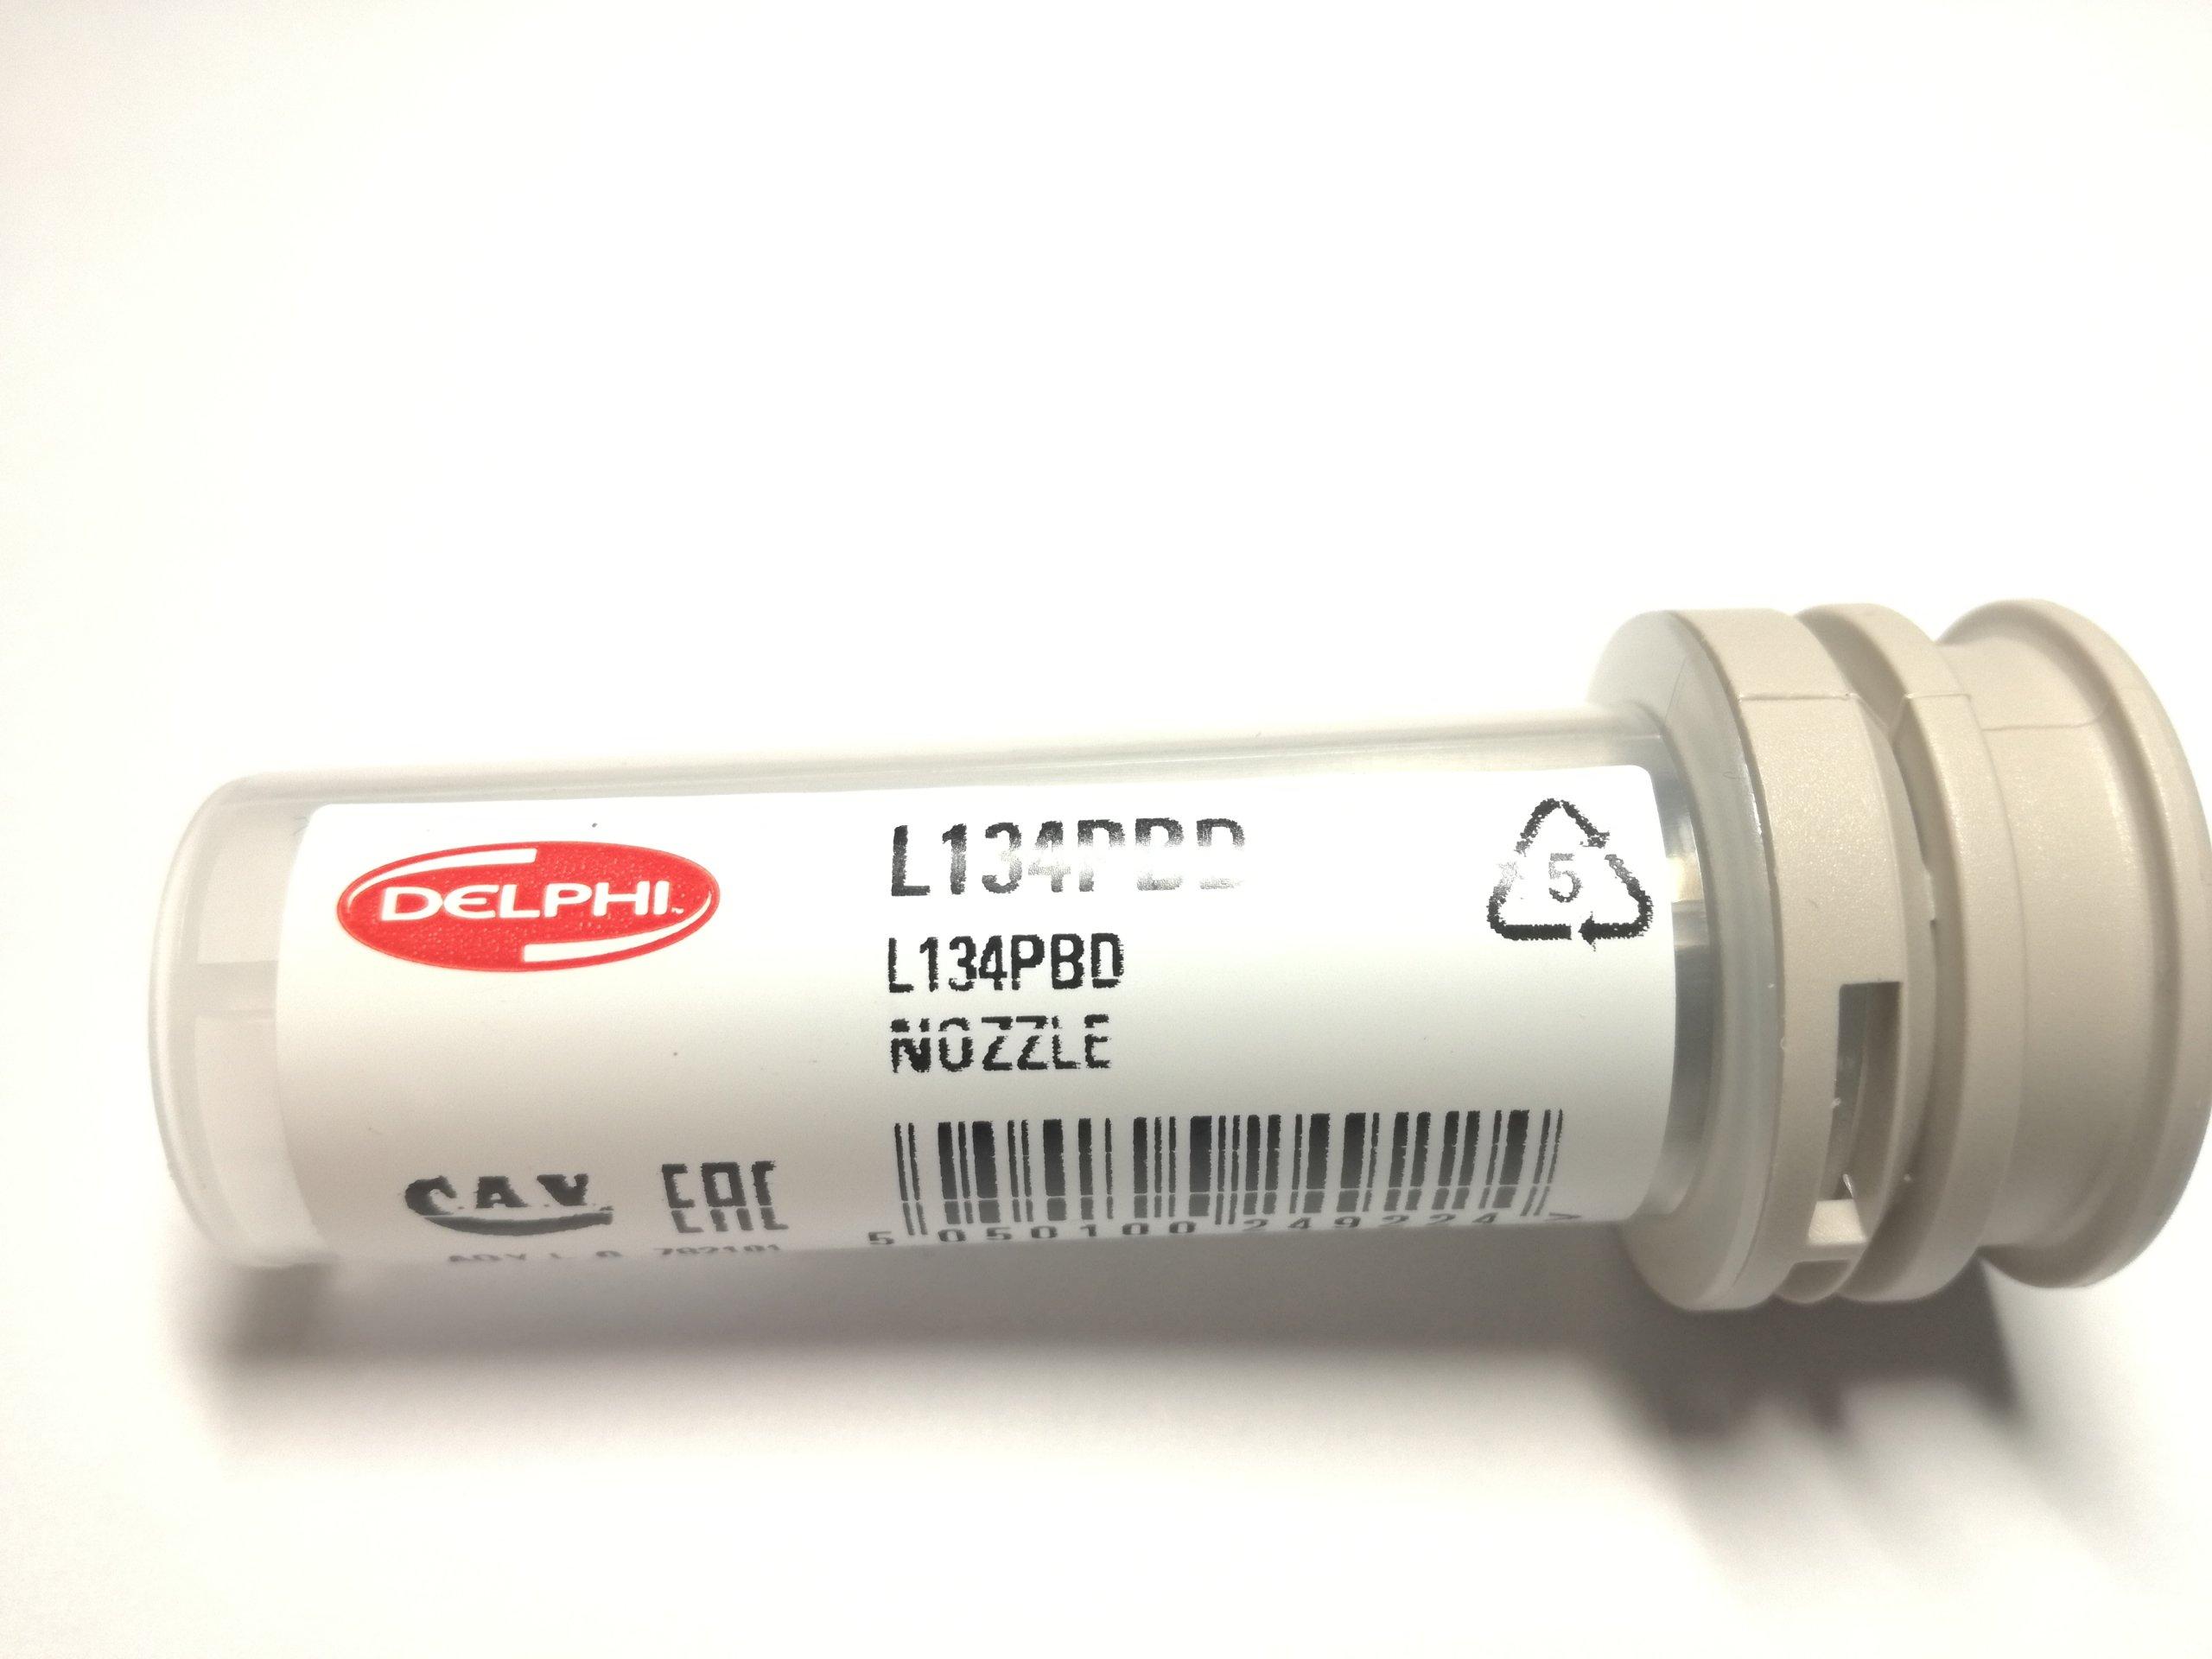 распылитель наконечник инъекции l134prd delphi l135pbd